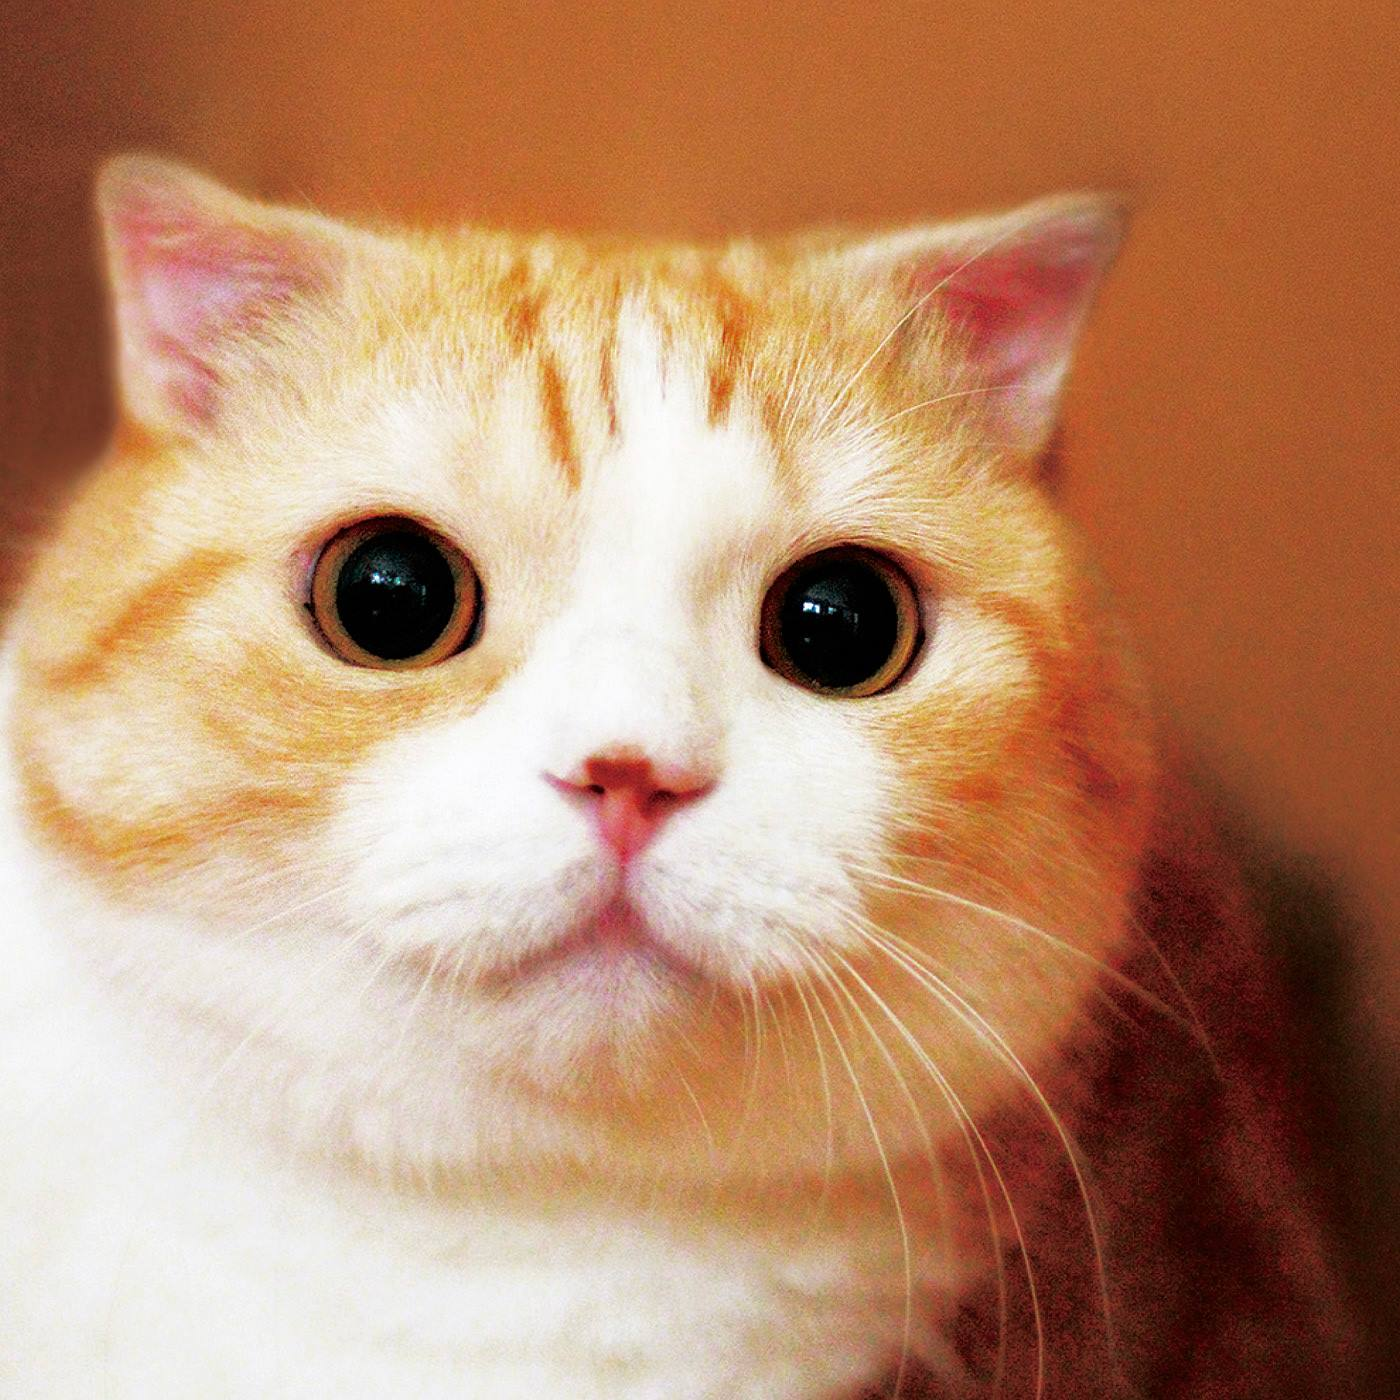 スコティッシュフォールドの龍馬くんは丸いお目めとたれた耳がチャームポイント。これまでも猫部の商品にたびたび登場してくれています。